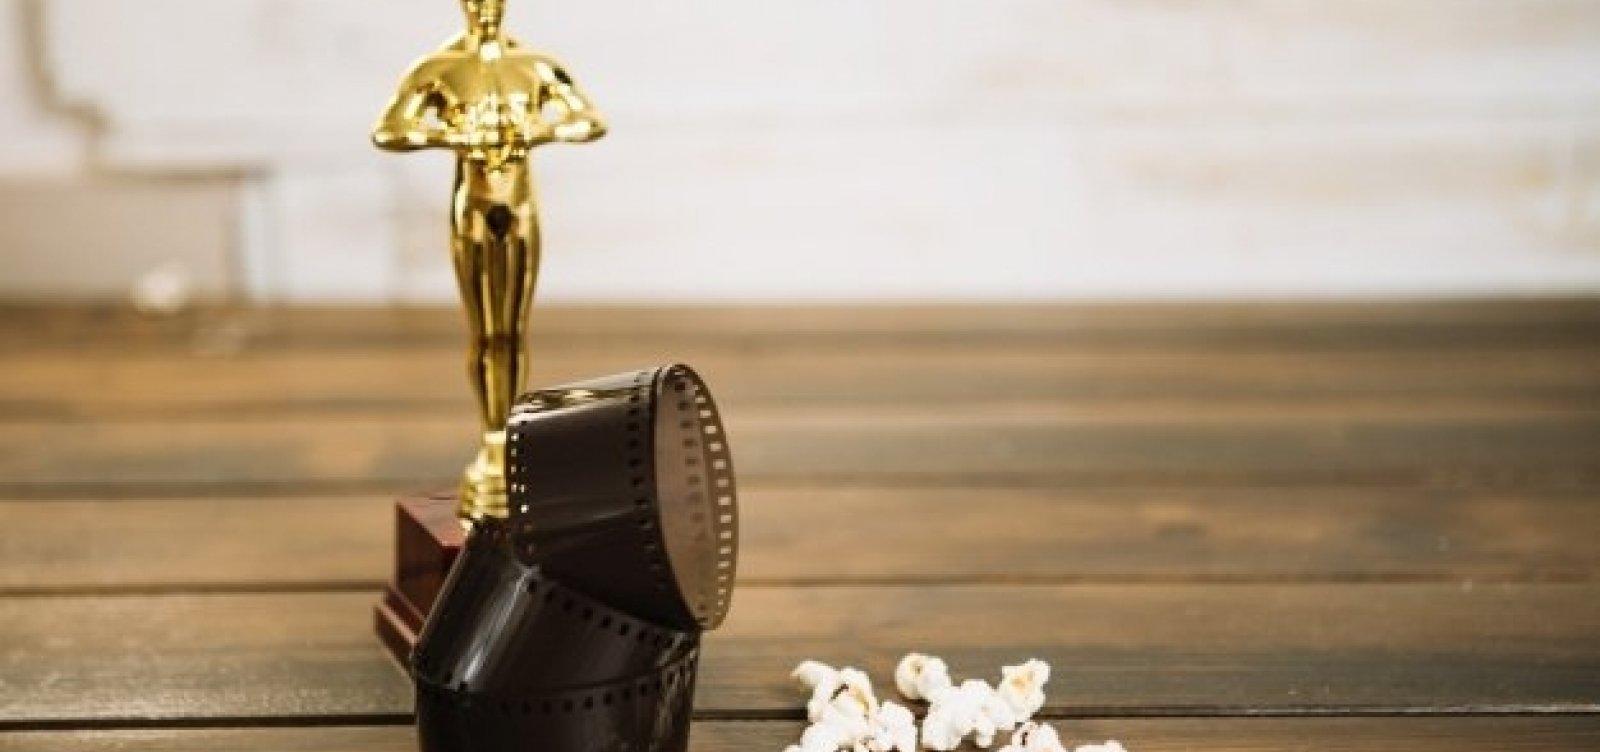 [Brasil fica fora da disputa pelo melhor fime estrangeiro no Oscar 2021]